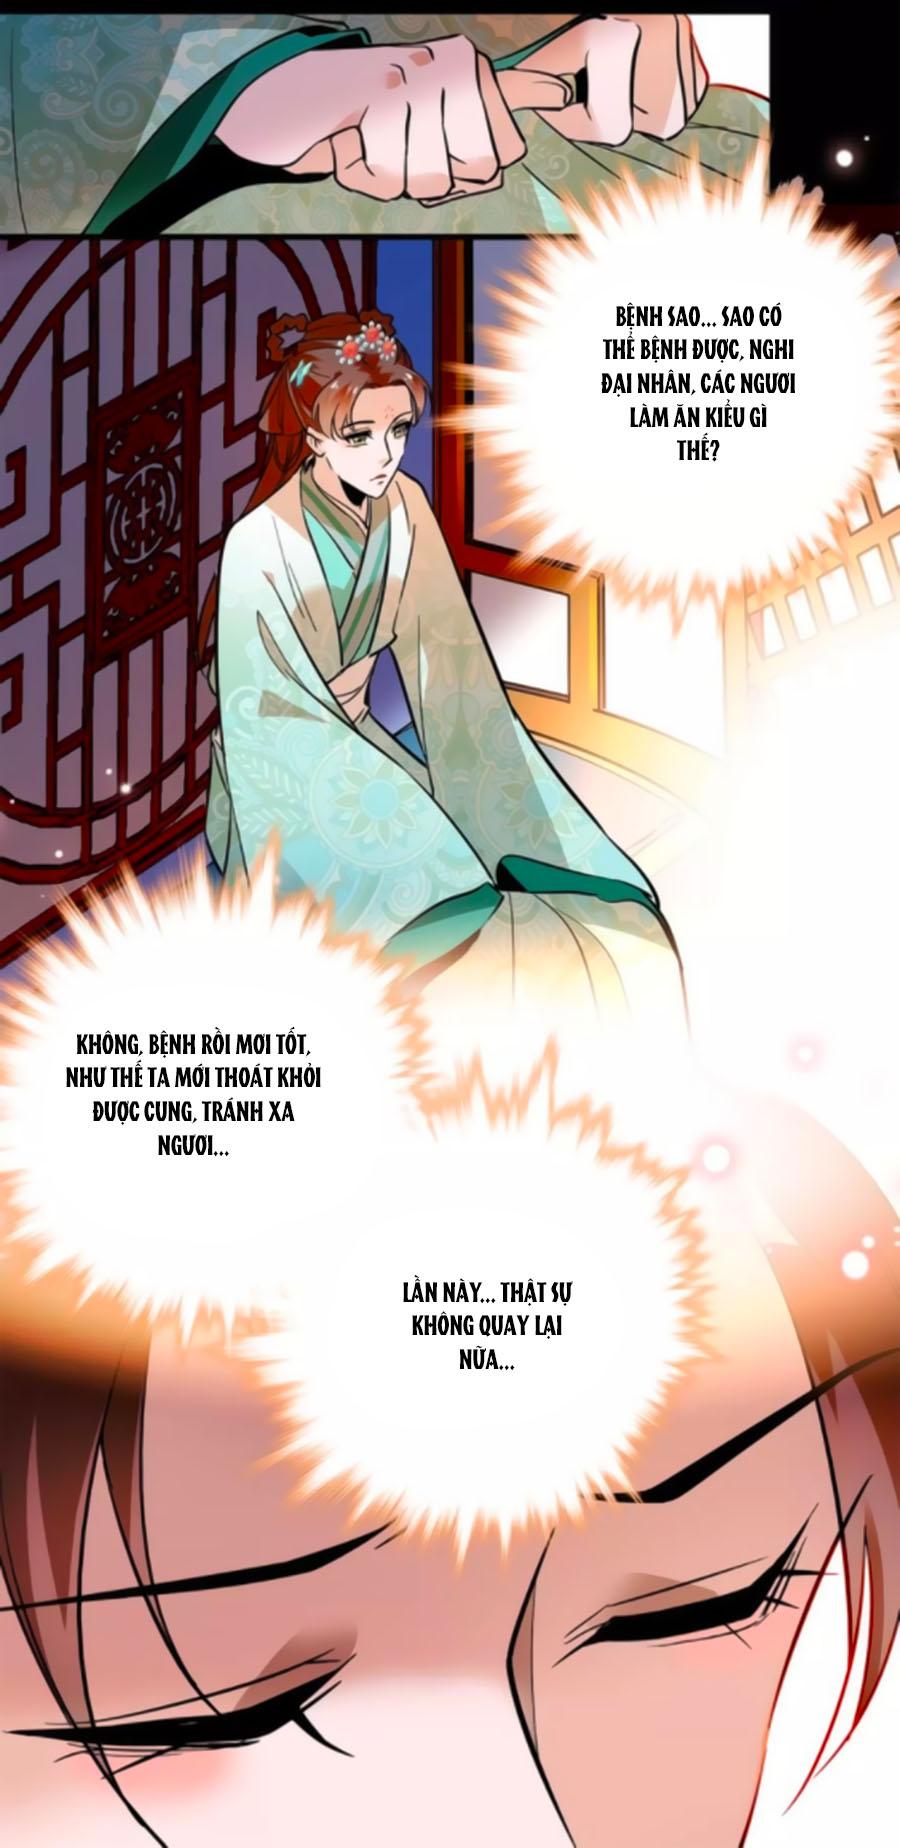 Hoàng Thượng! Hãy Sủng Ái Ta Đi! – Chap 78